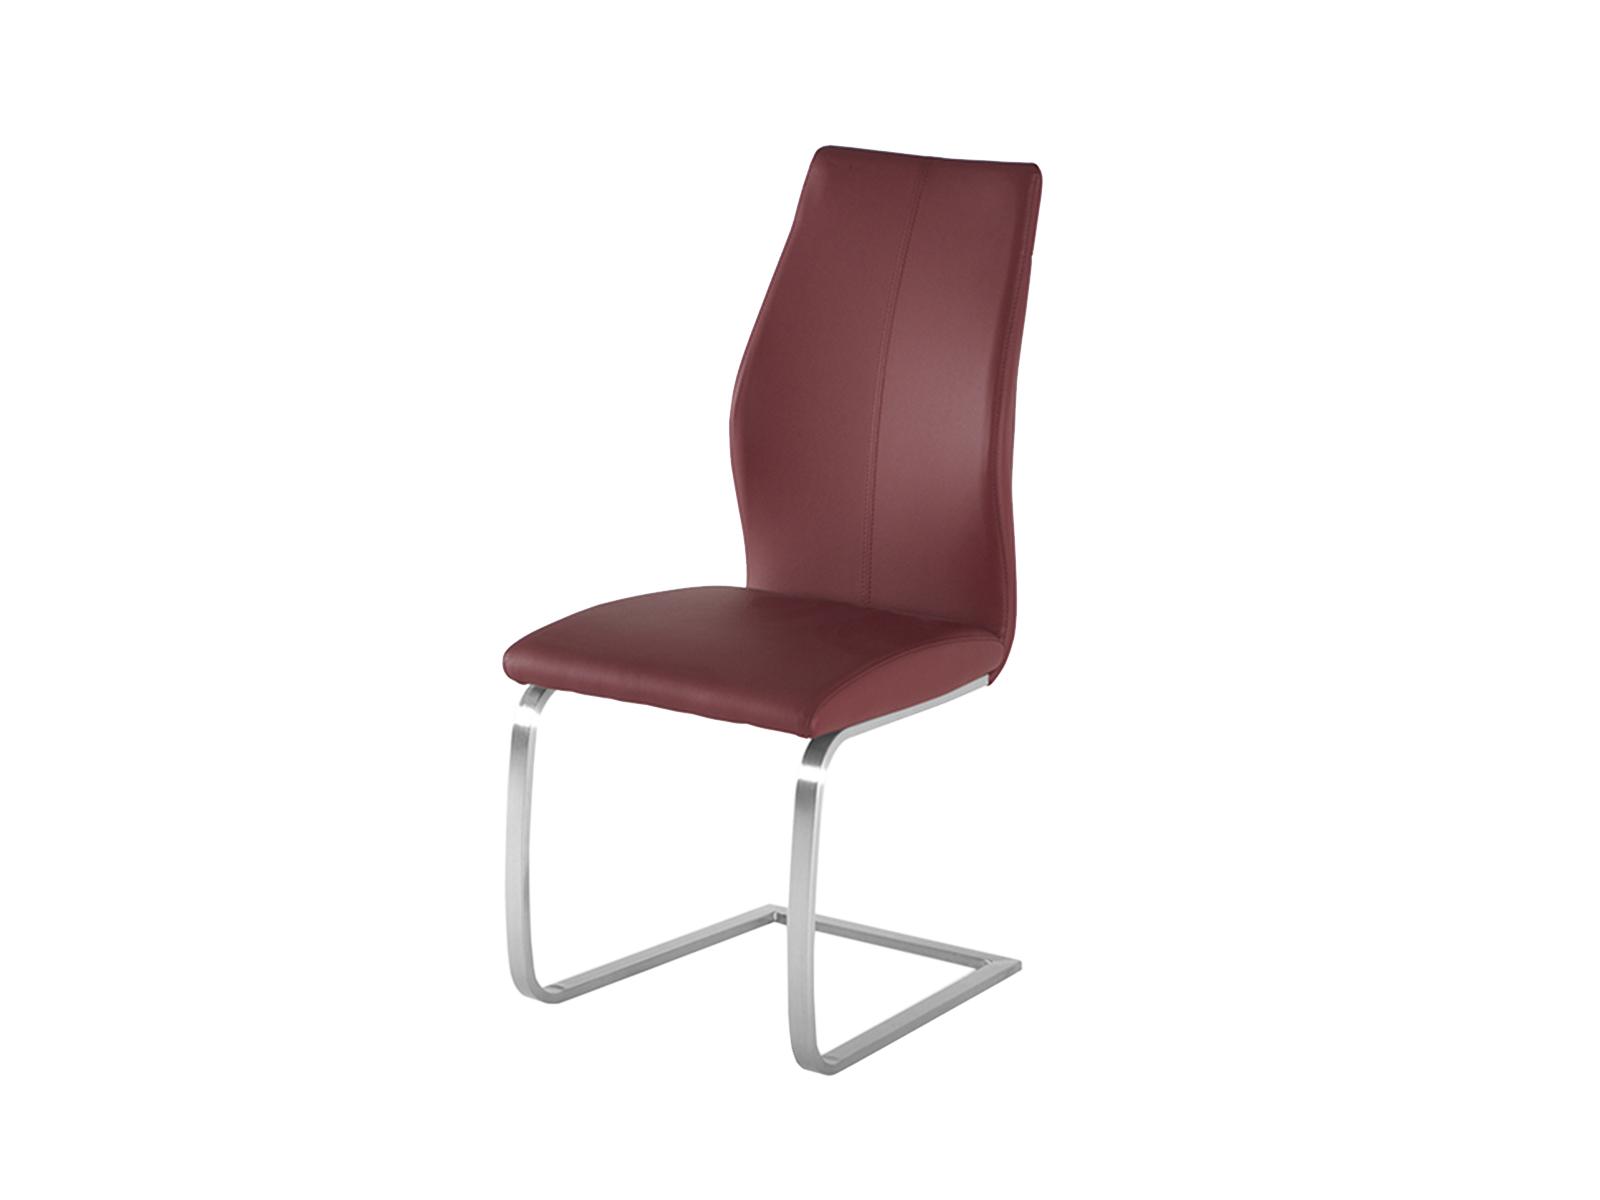 Scaun tapitat cu piele ecologica, cu picioare metalice Elis Burgundy, l45xA60xH102 cm poza